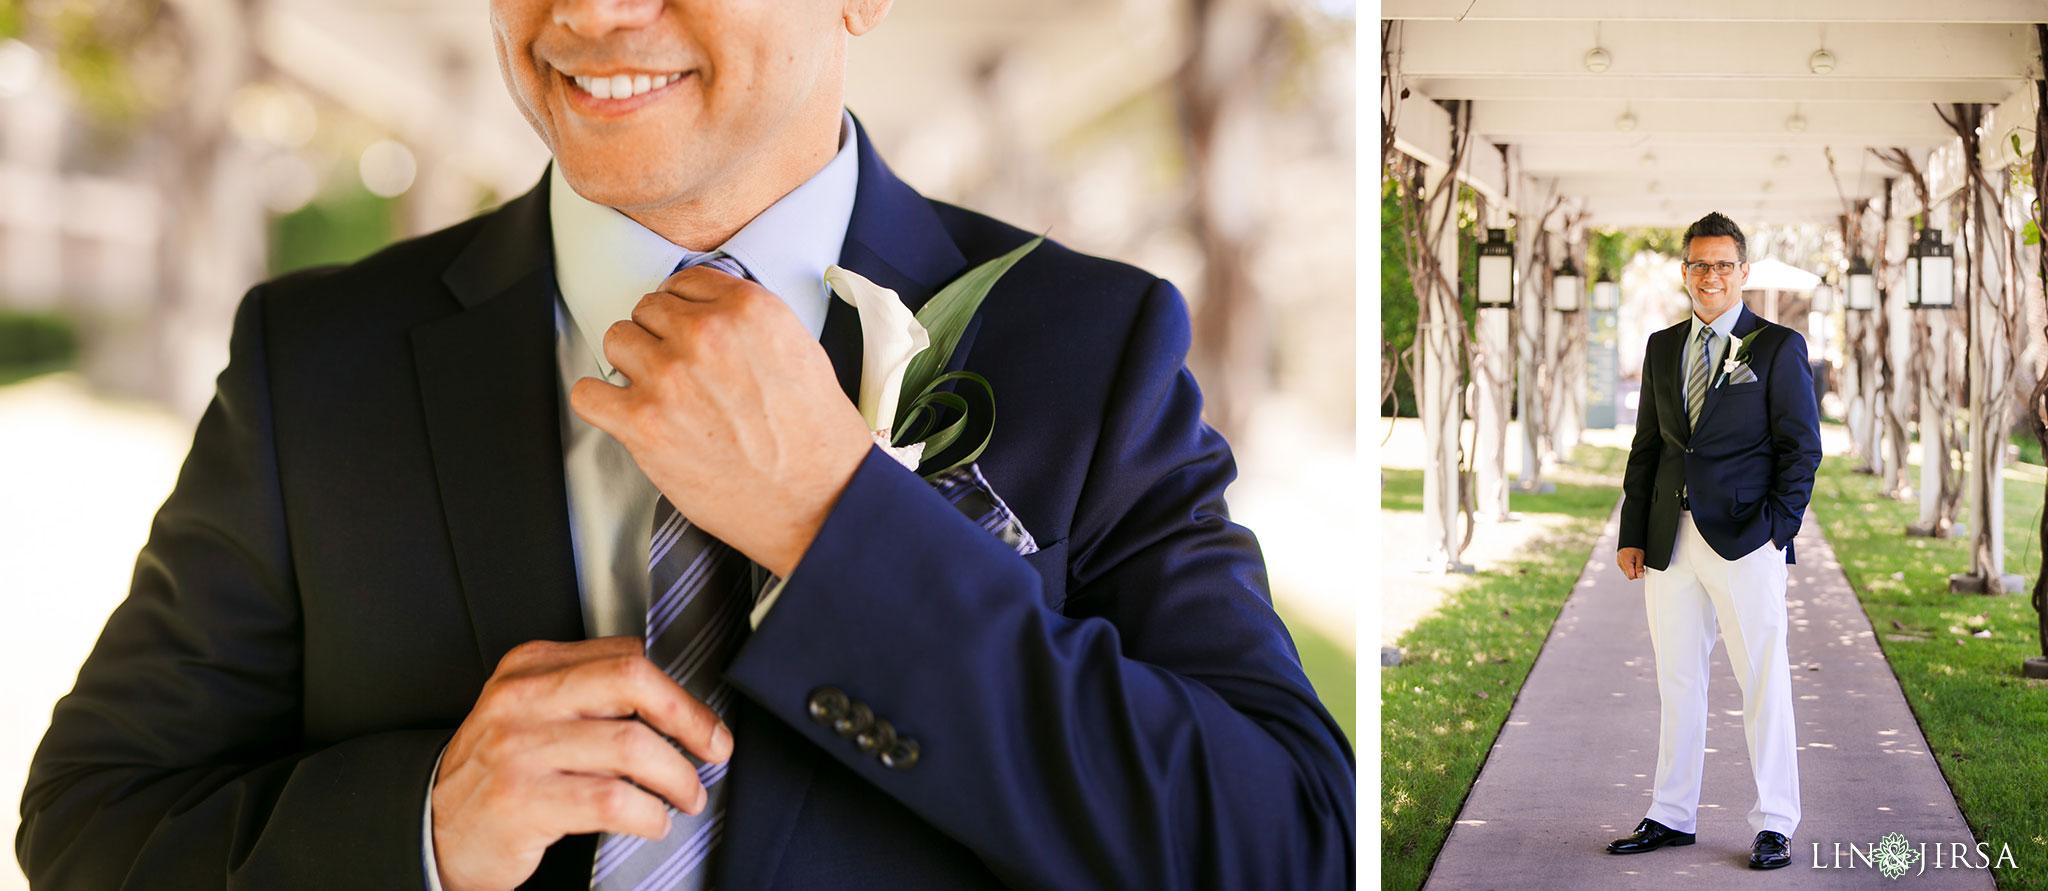 005 orange county groom wedding photography